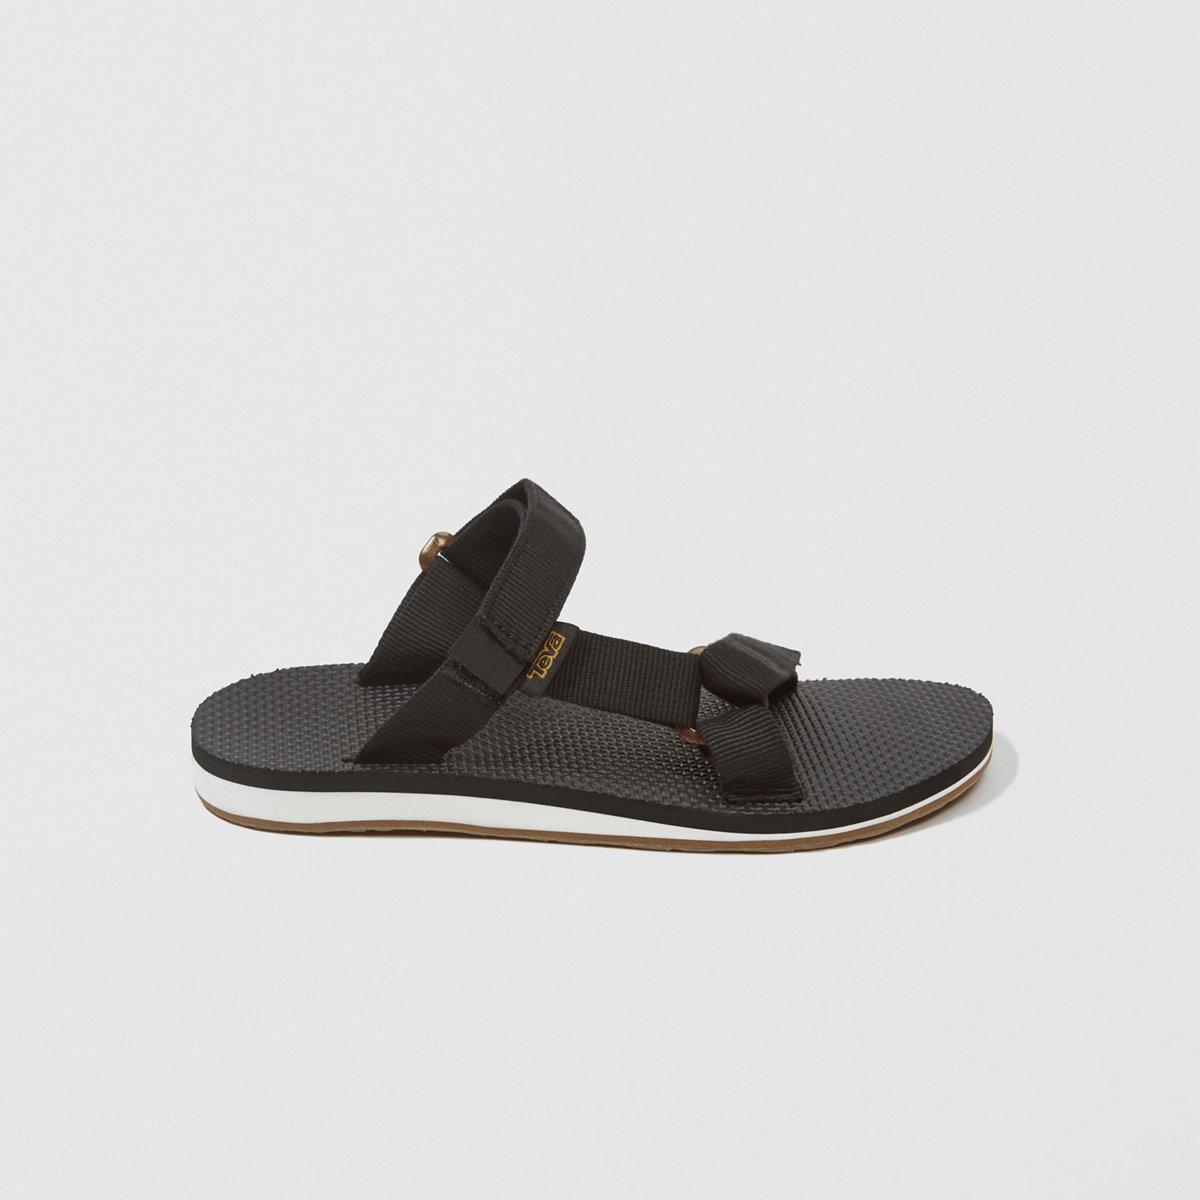 Teva Universal Slide Sandal